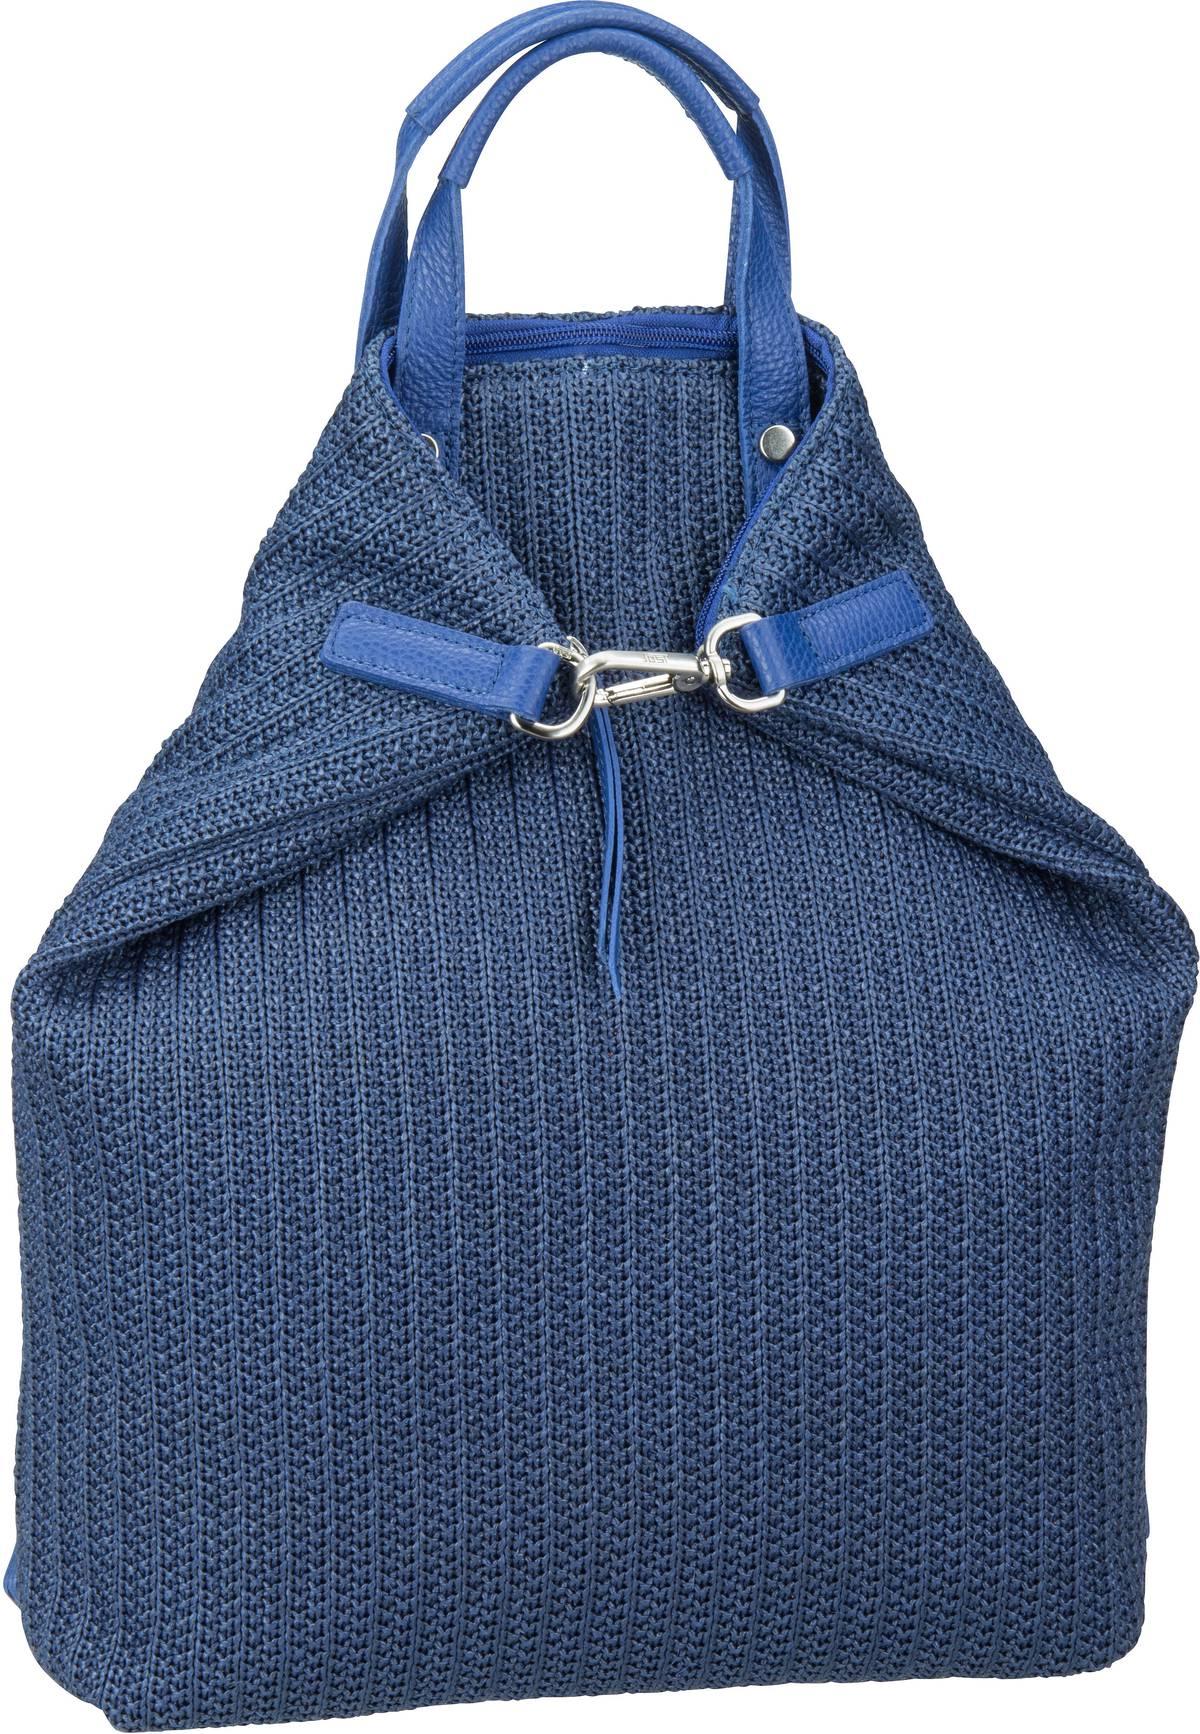 Rucksack / Daypack Nil 3547 X-Change Bag S Blau